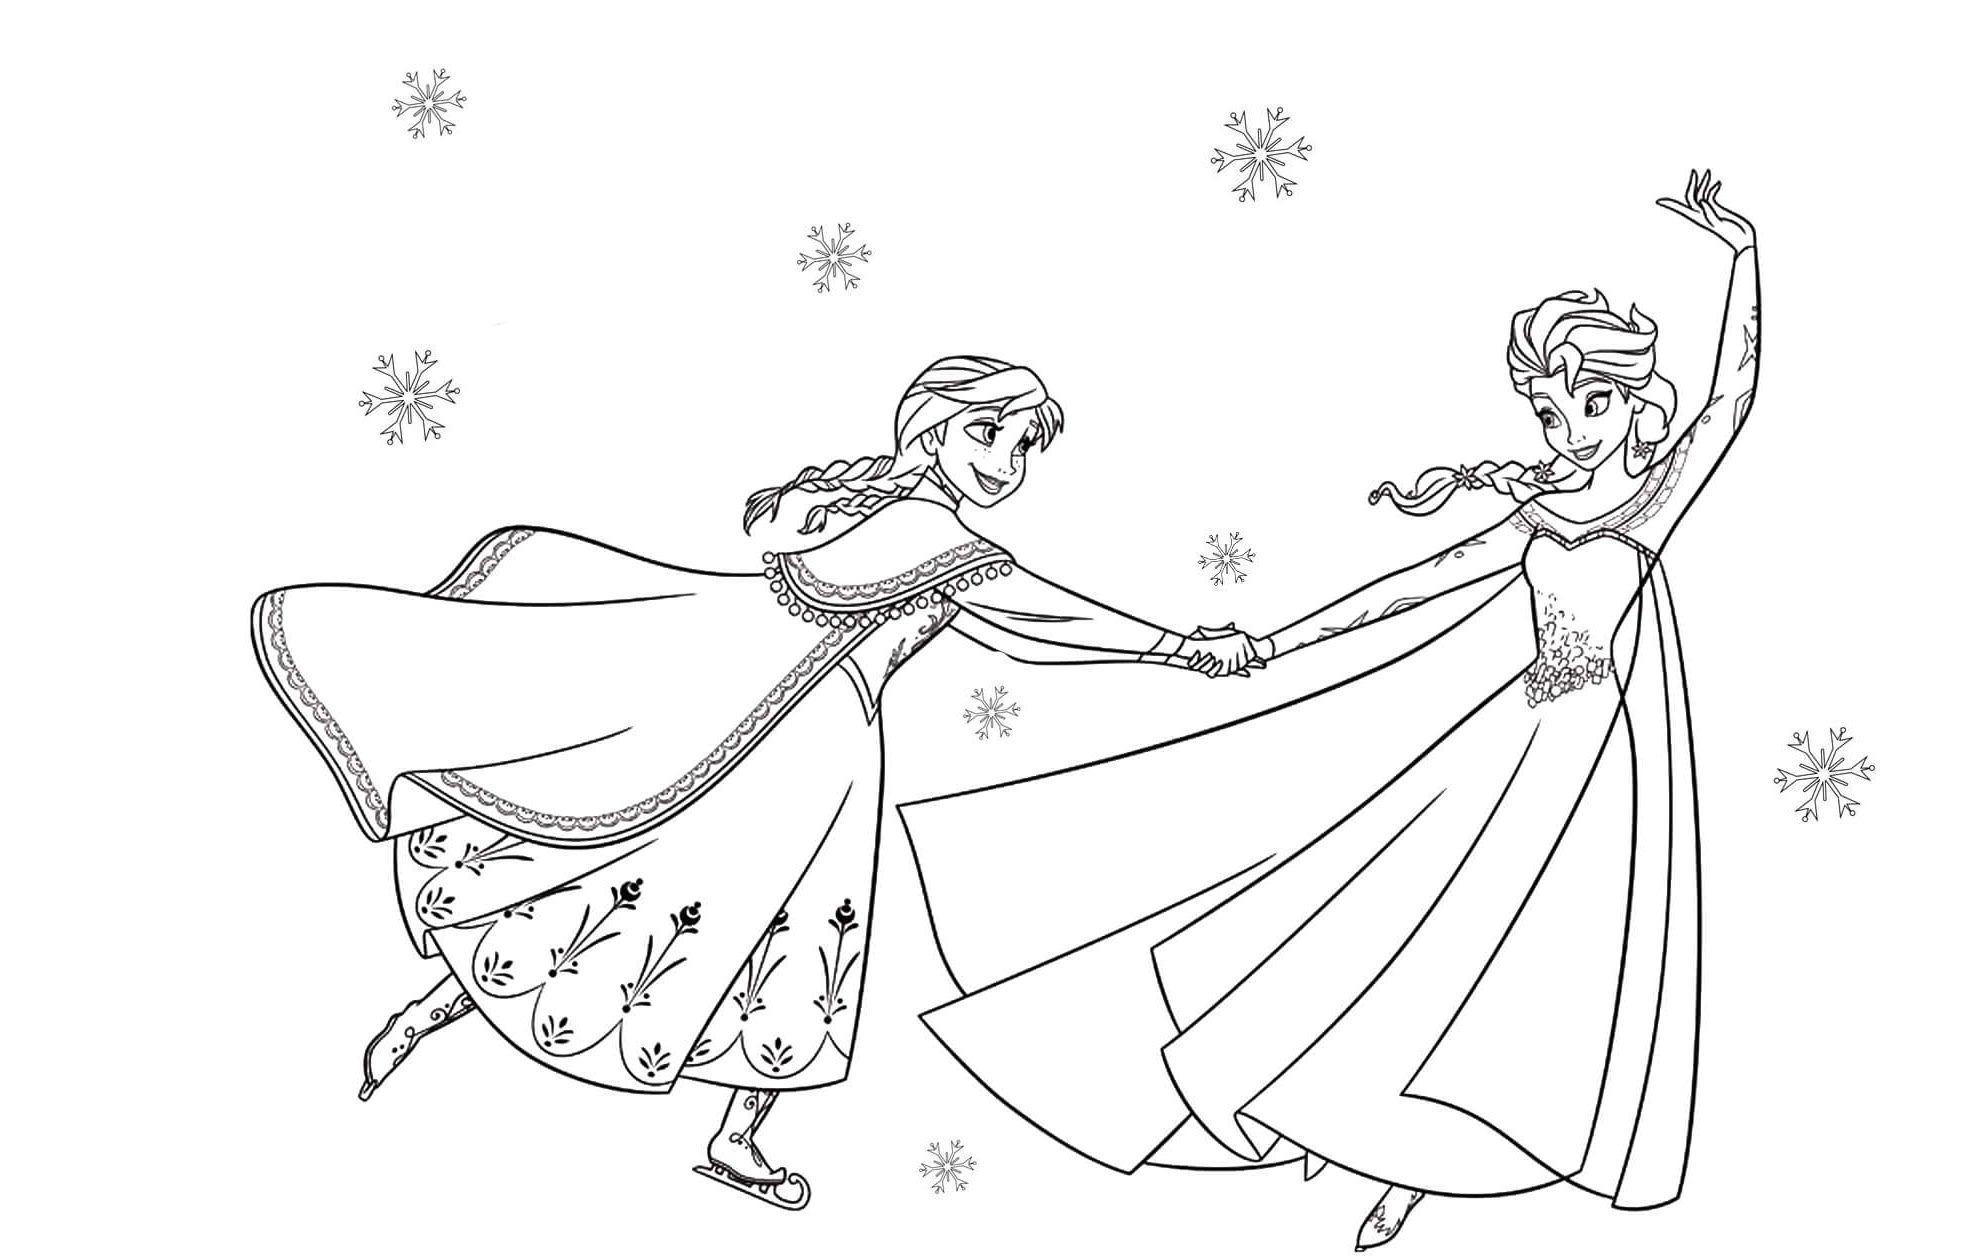 13 Beste Ausmalbilder Elsa Zum Ausdrucken Kostenlos (Mit über Ausmalbilder Anna Und Elsa